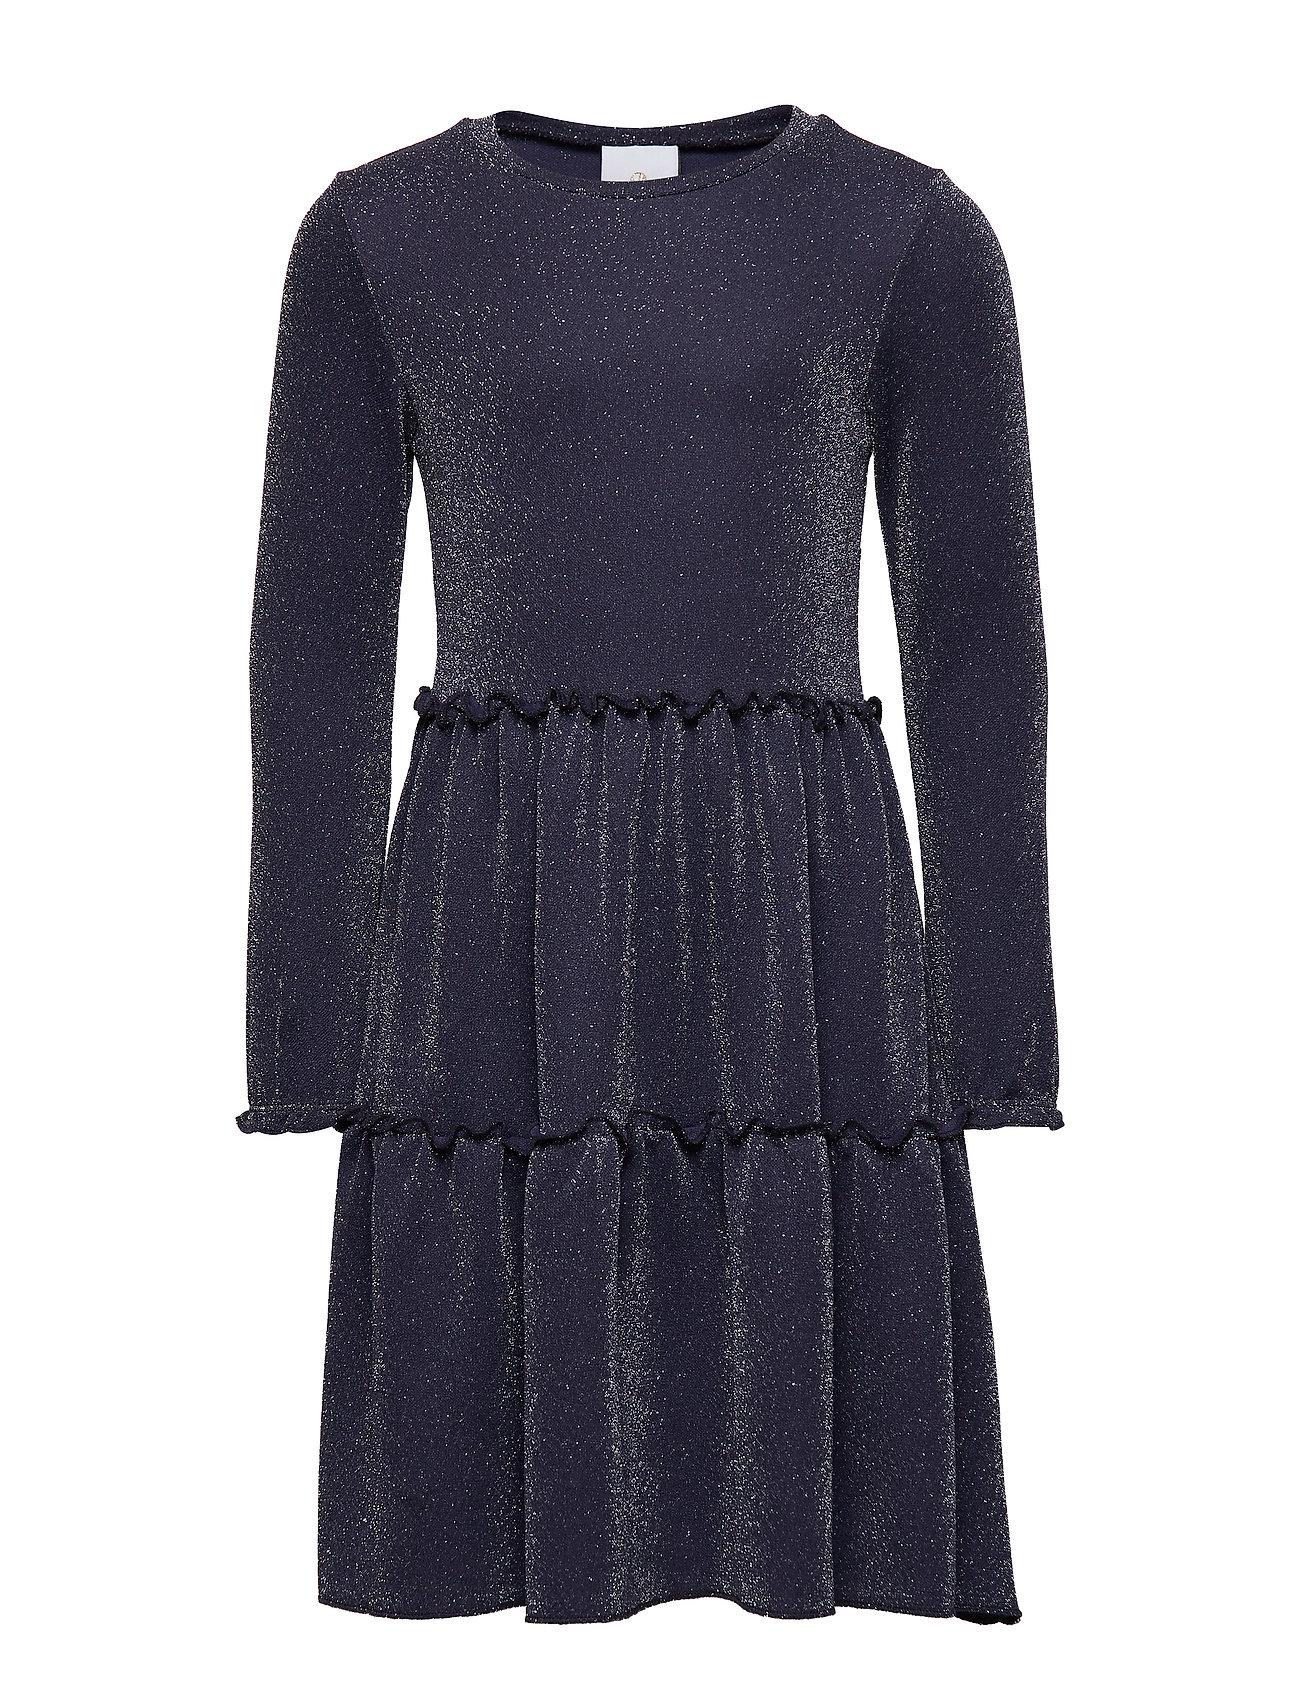 The New ZIMI L_S GLITTER DRESS - BLACK IRIS